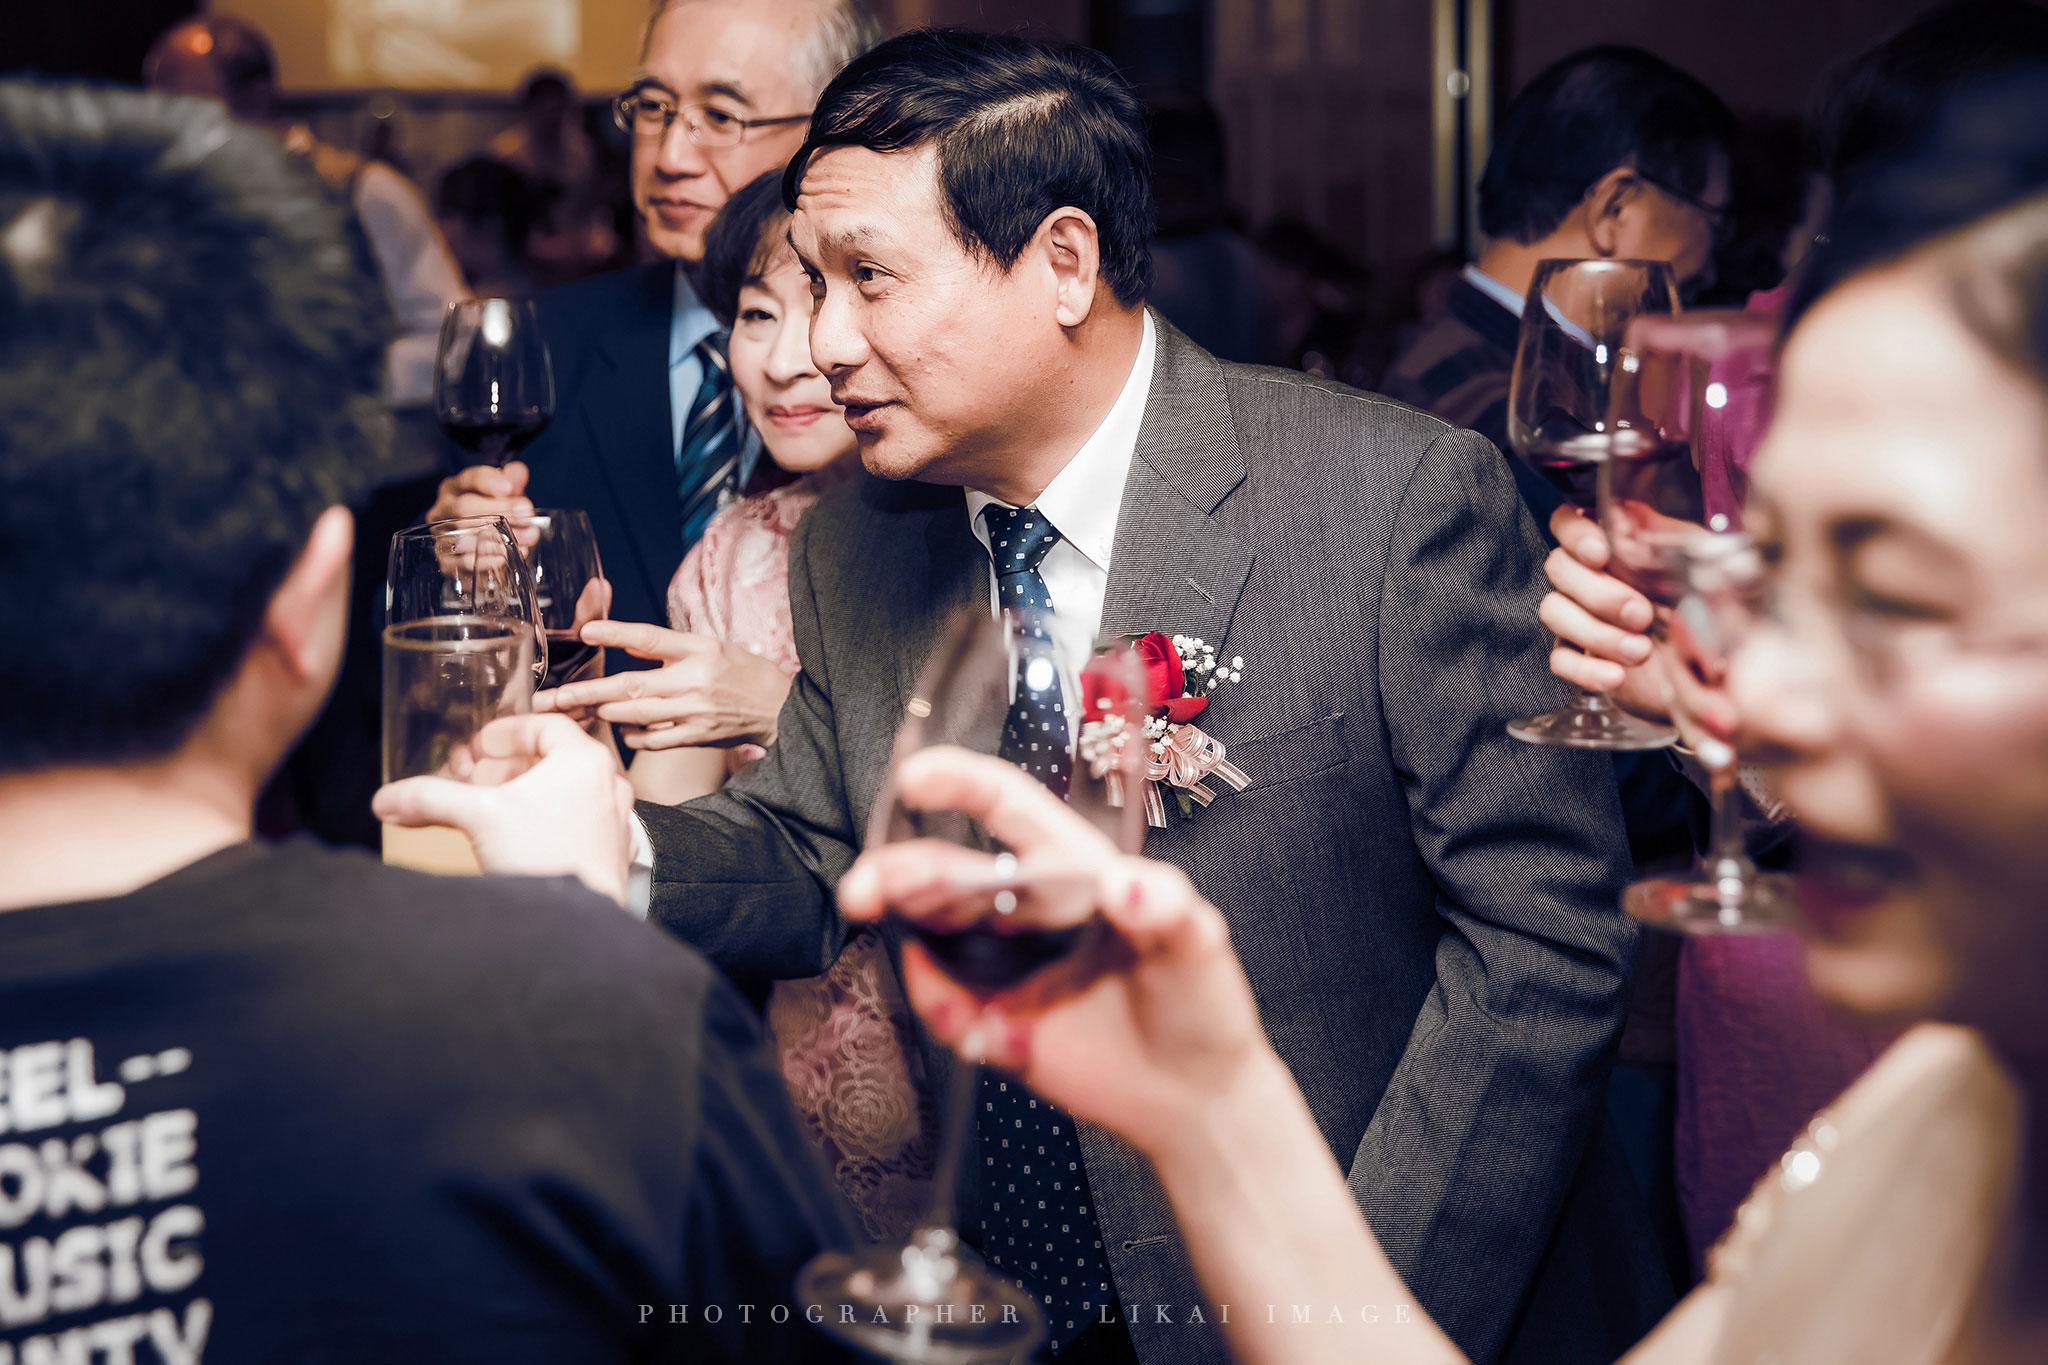 婚禮紀錄 - 芷恩 & 冠志 - 國賓大飯店